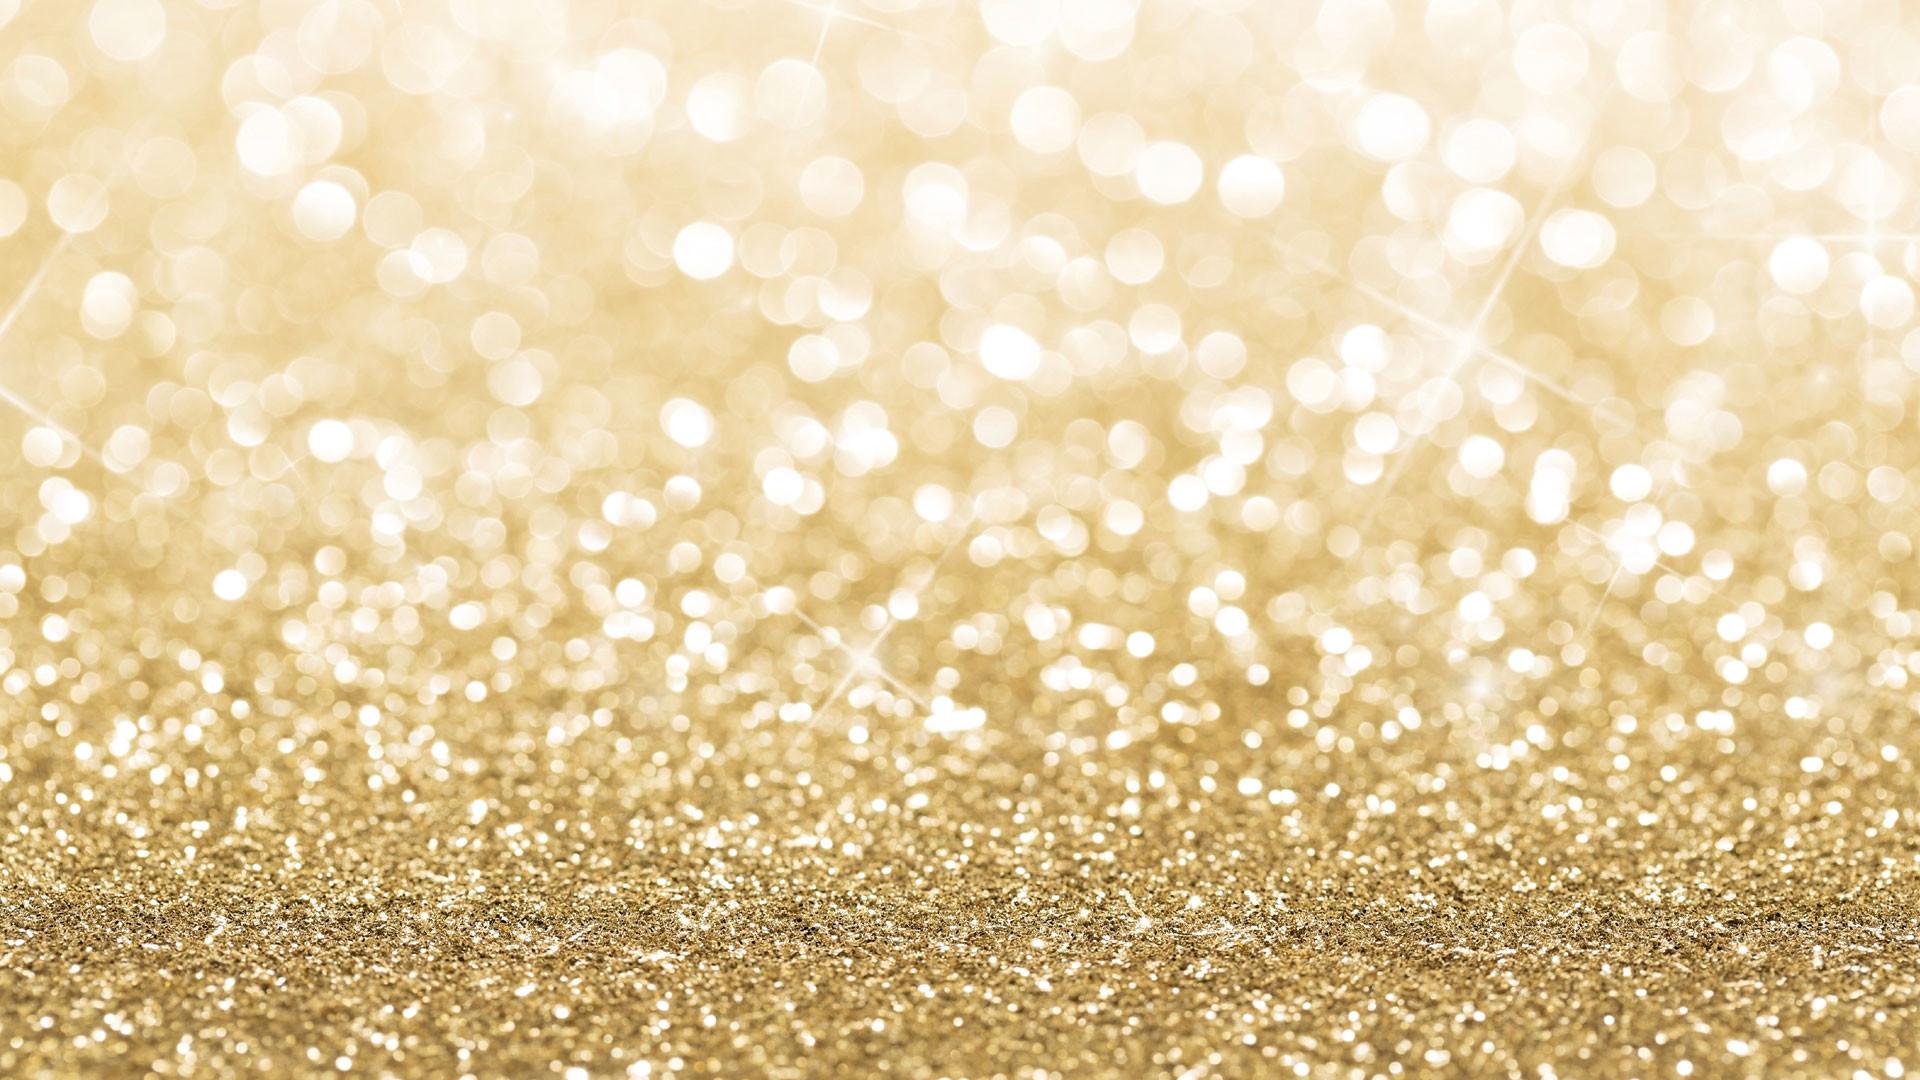 Gold Desktop Wallpaper 55 Images